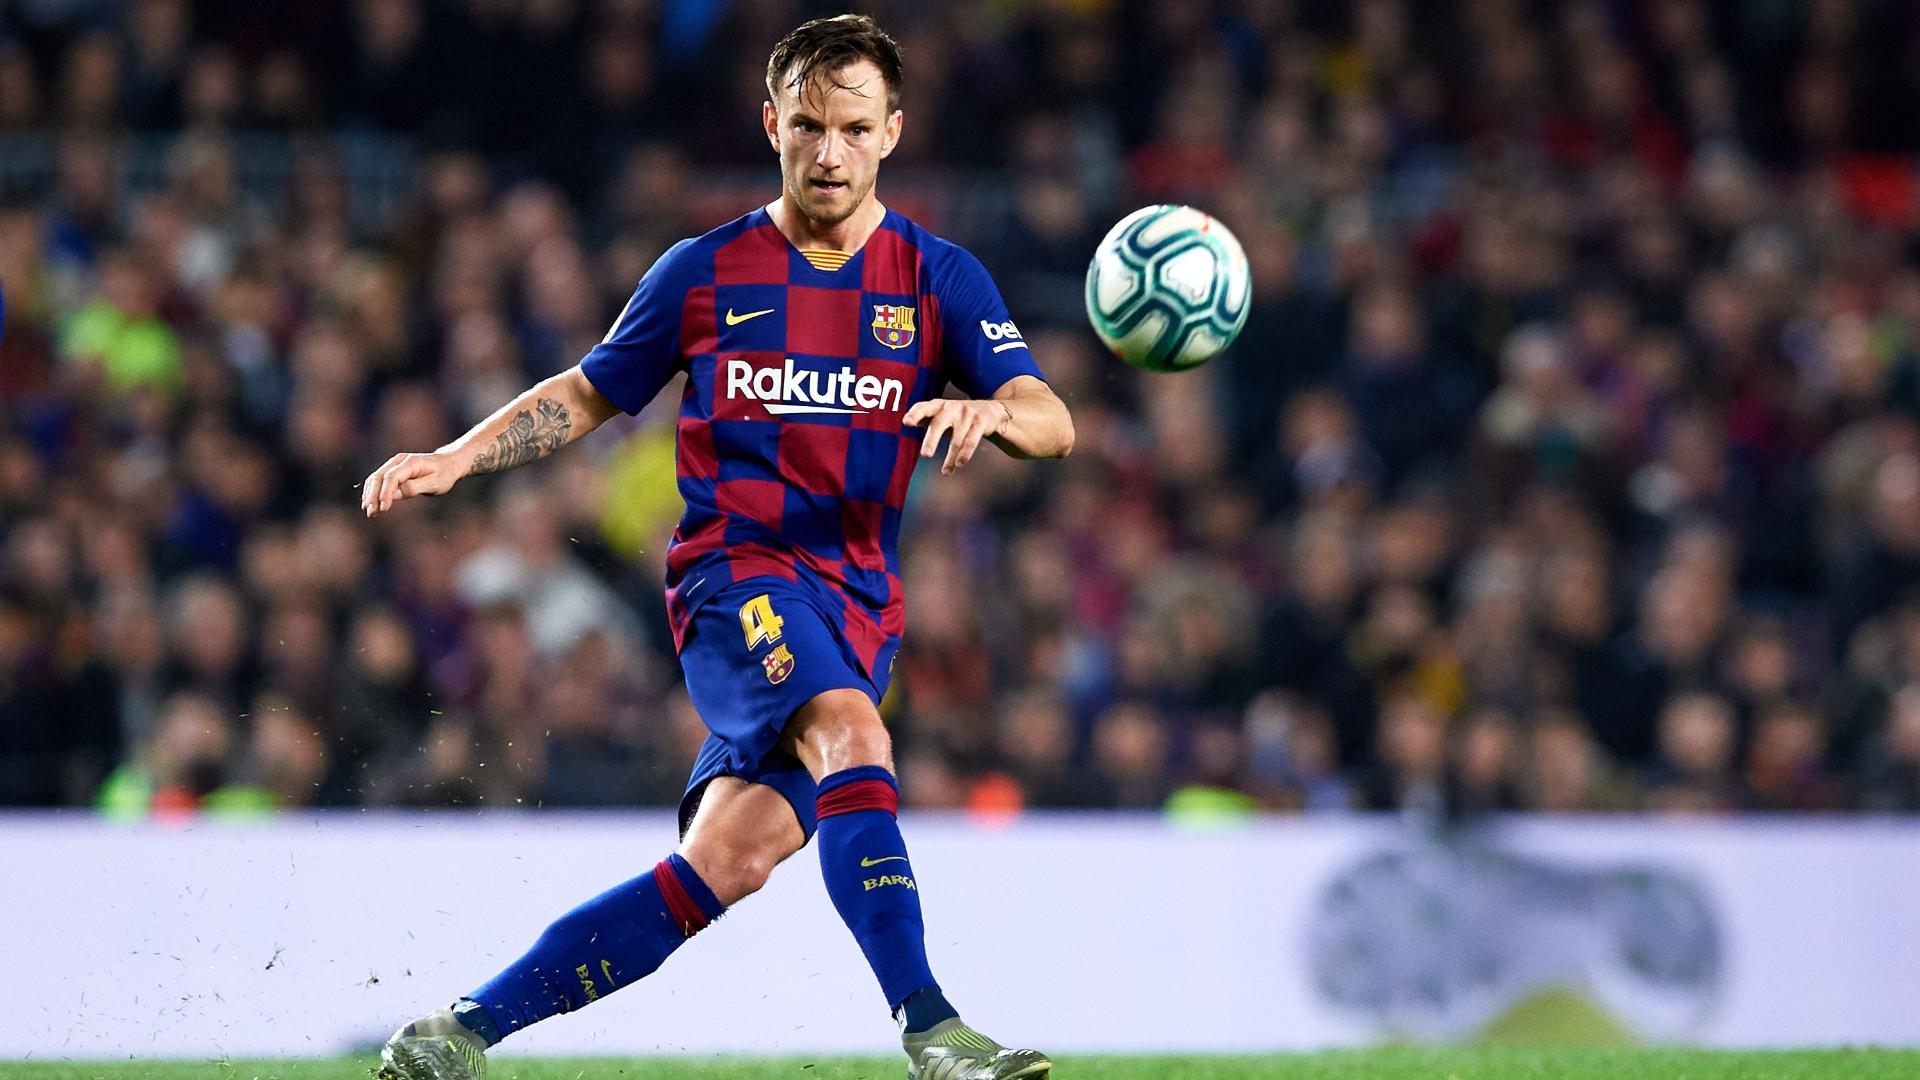 El Barcelona espera que el Sevilla mueva ficha por Rakitic | Goal.com